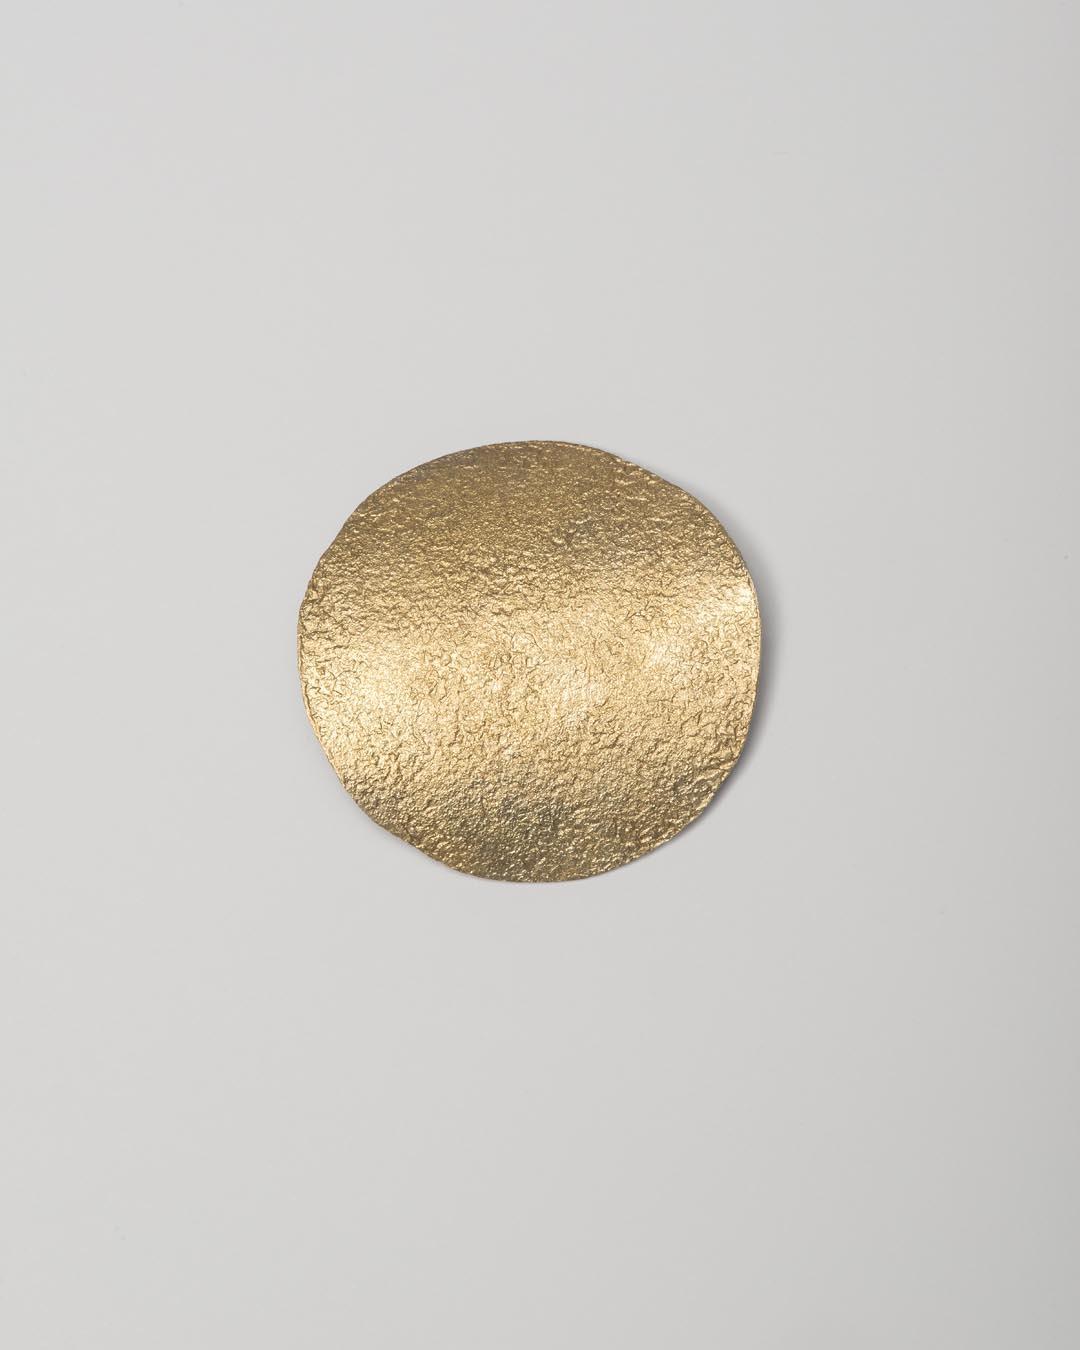 Yasuki Hiramatsu, untitled, brooch/pendant; gold-plated silver, 52 x 51 x 9 mm, €750